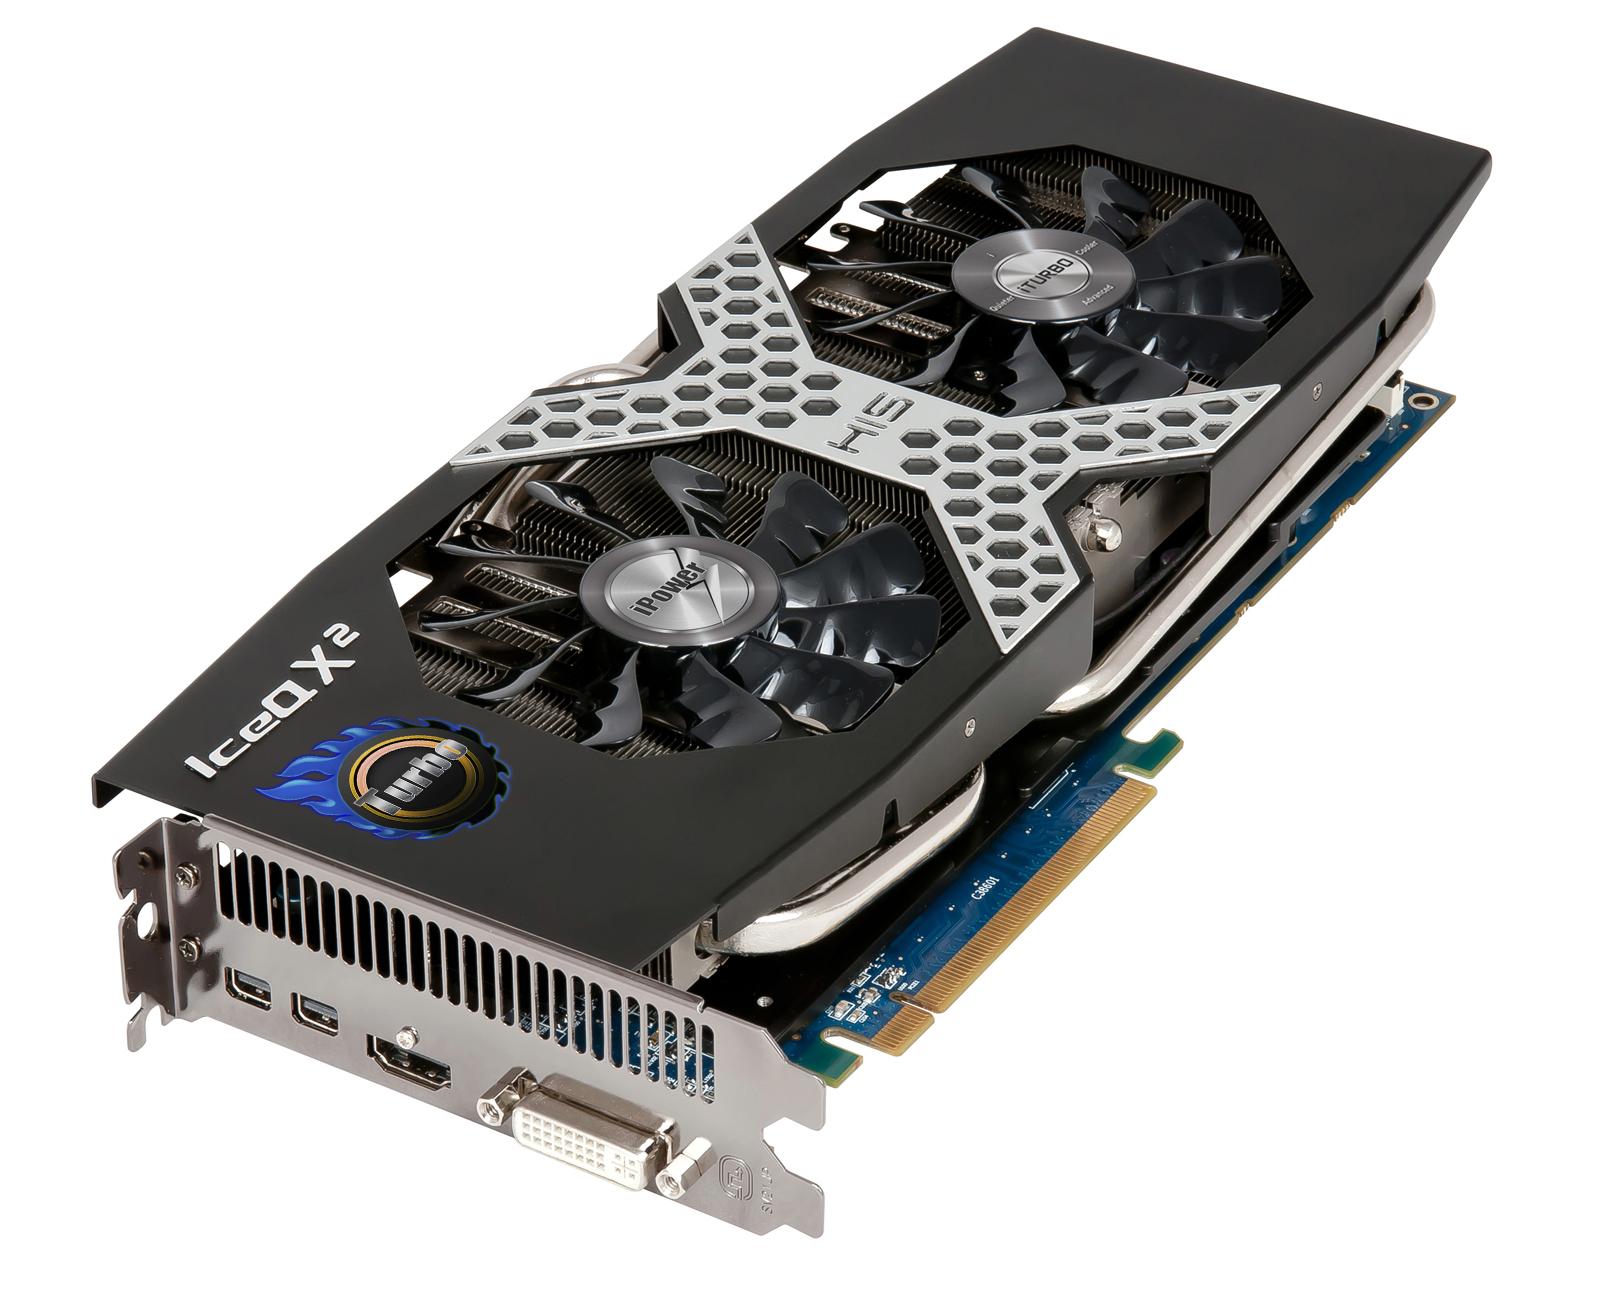 HIS R9 280X iPower IceQ X² Turbo Boost Clock 3GB GDDR5 PCI-E